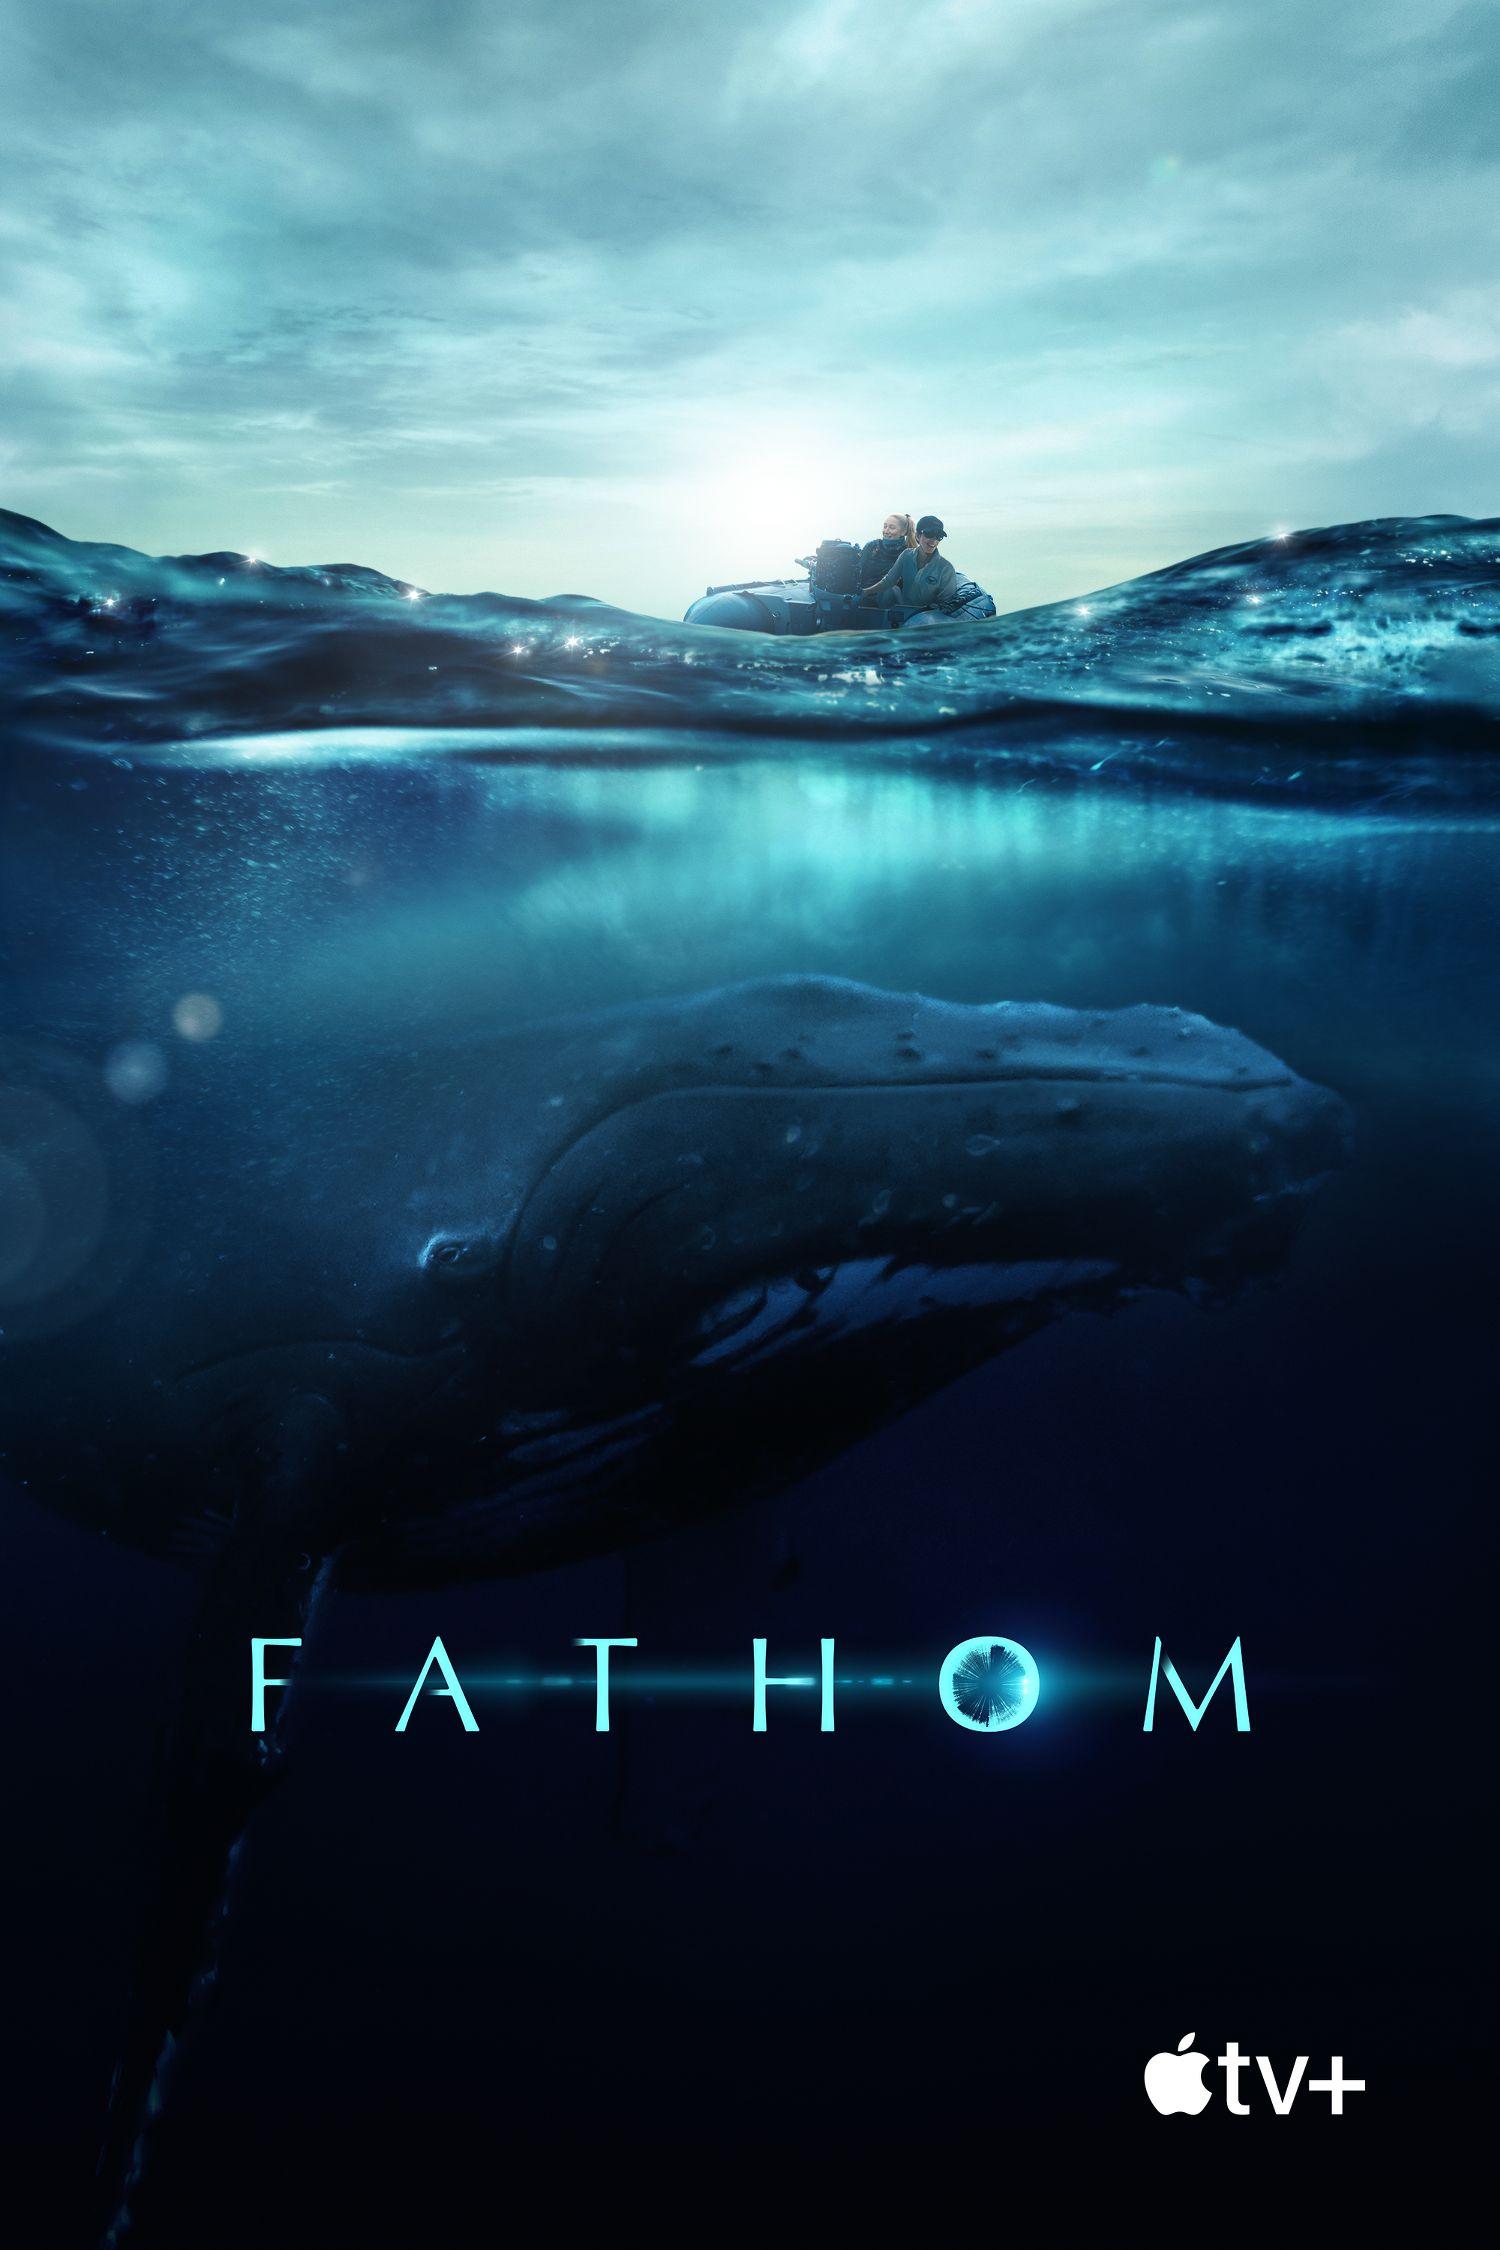 Fathom_Boat_LSR_2x3_RGB_ENG